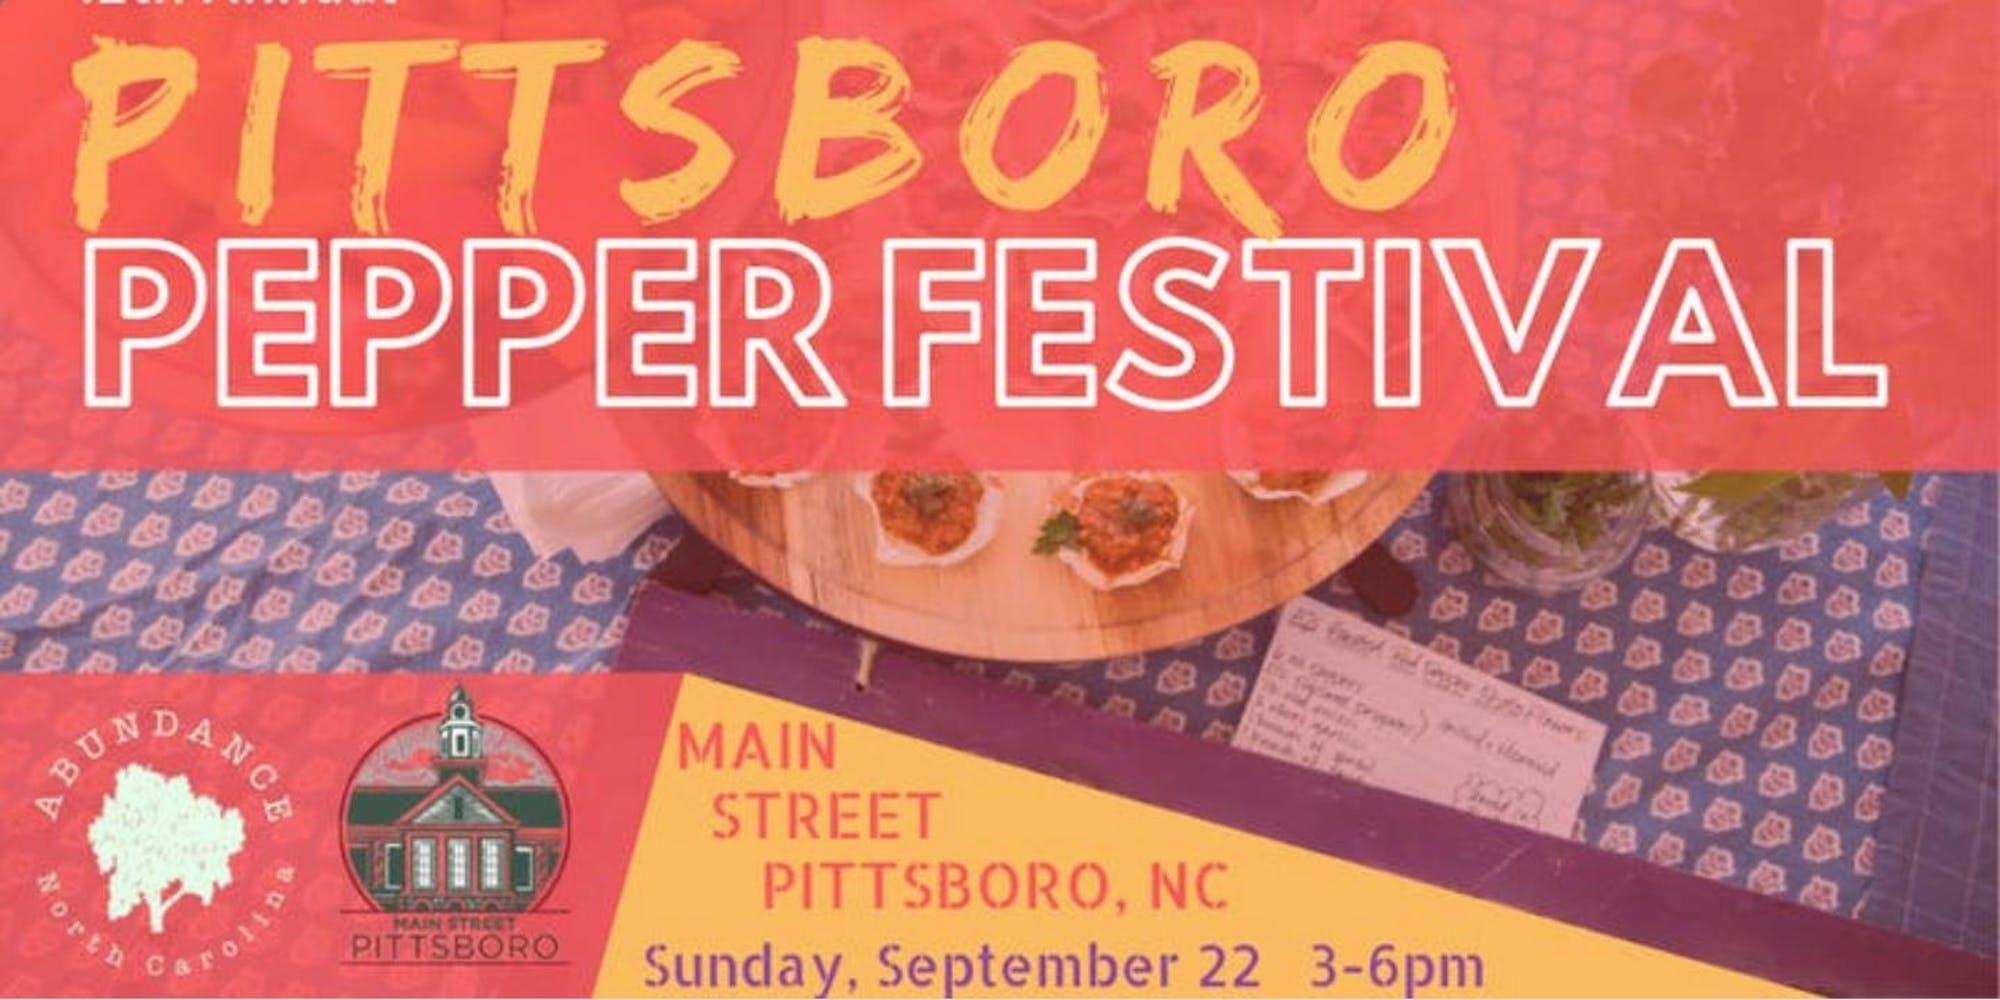 pepperfest.jpg#asset:10623